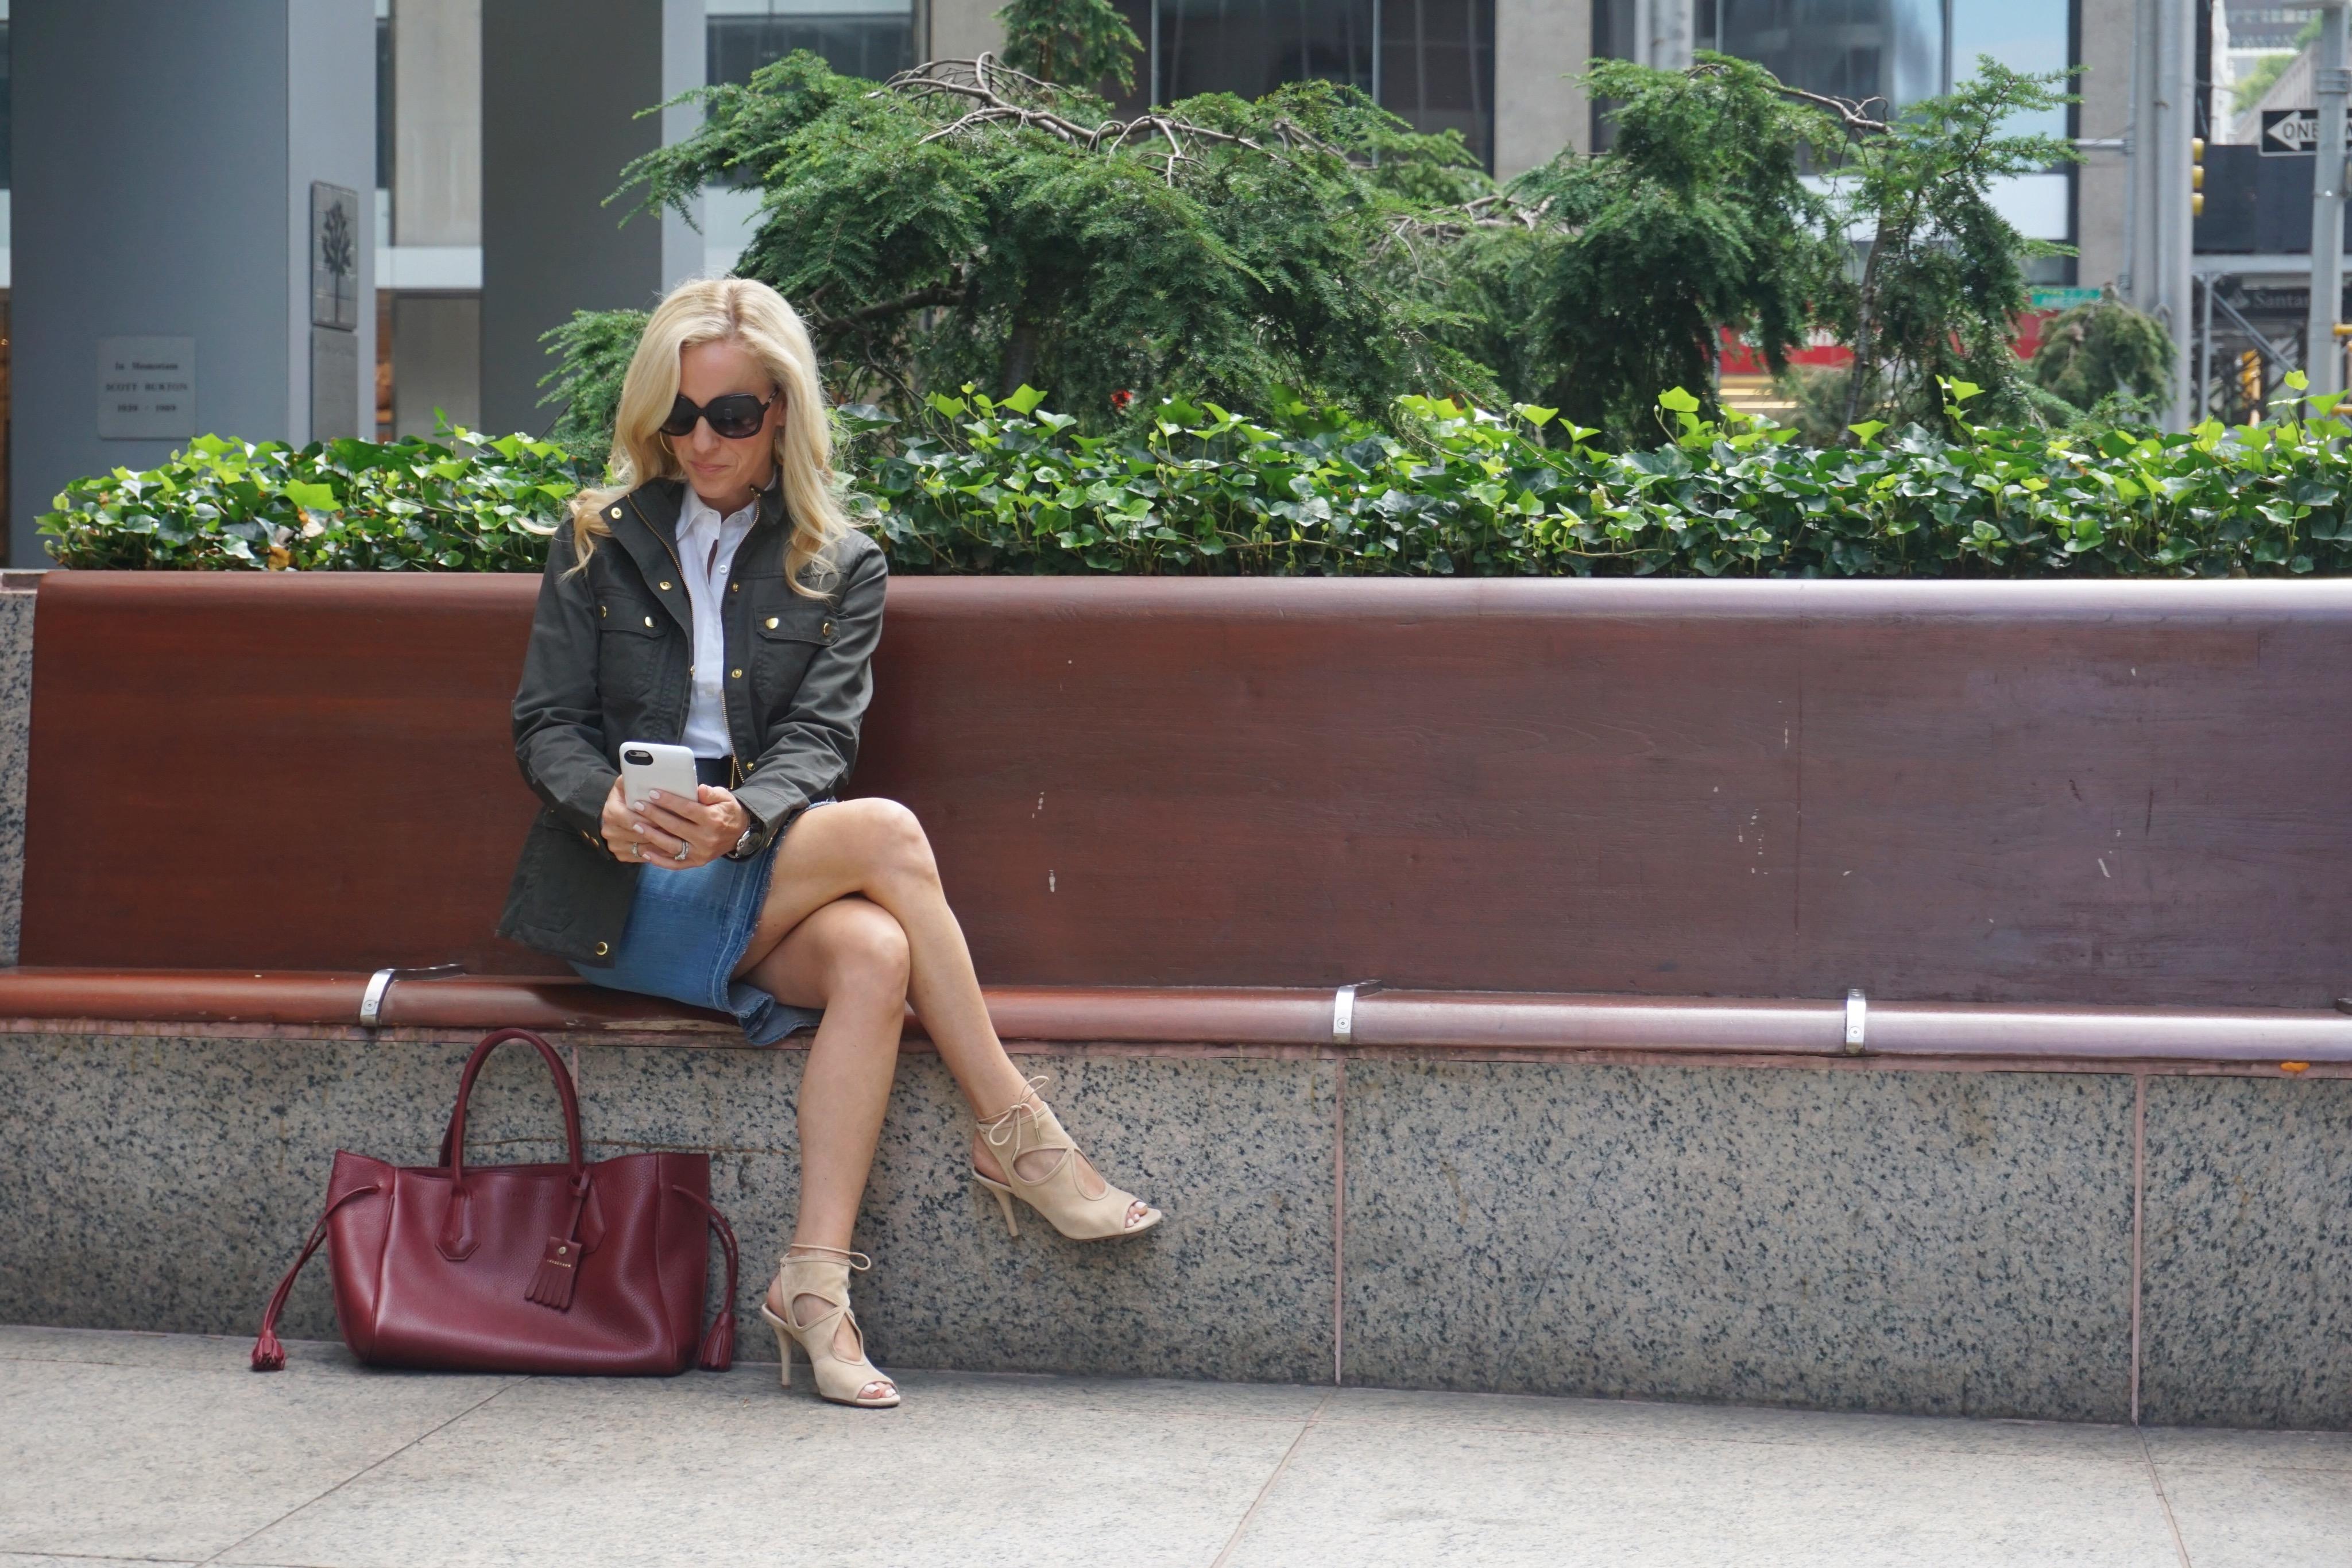 Alicia Wood, Dallas Fashion Blogger, Dallas Lifestyle Blogger